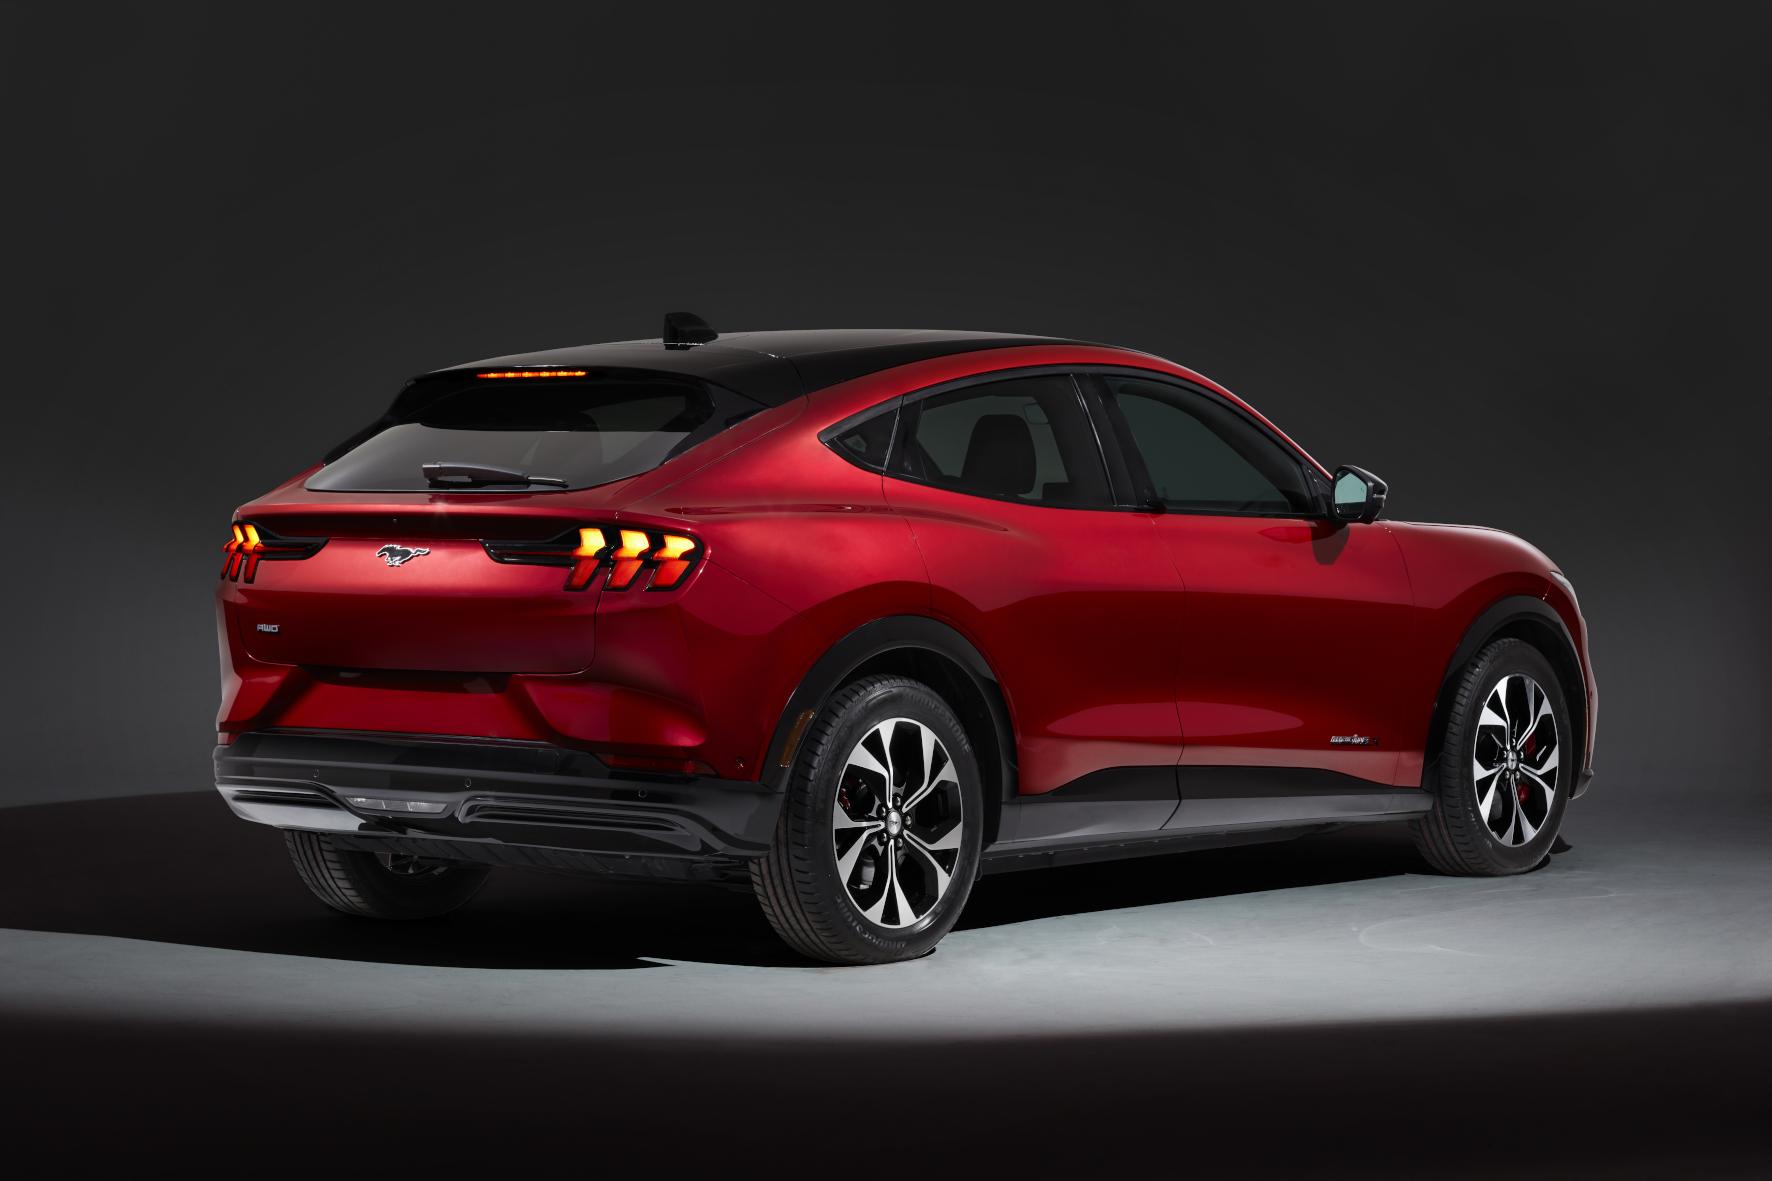 Angesagt: Der Design-Stil im Look eines SUV-Coupés.